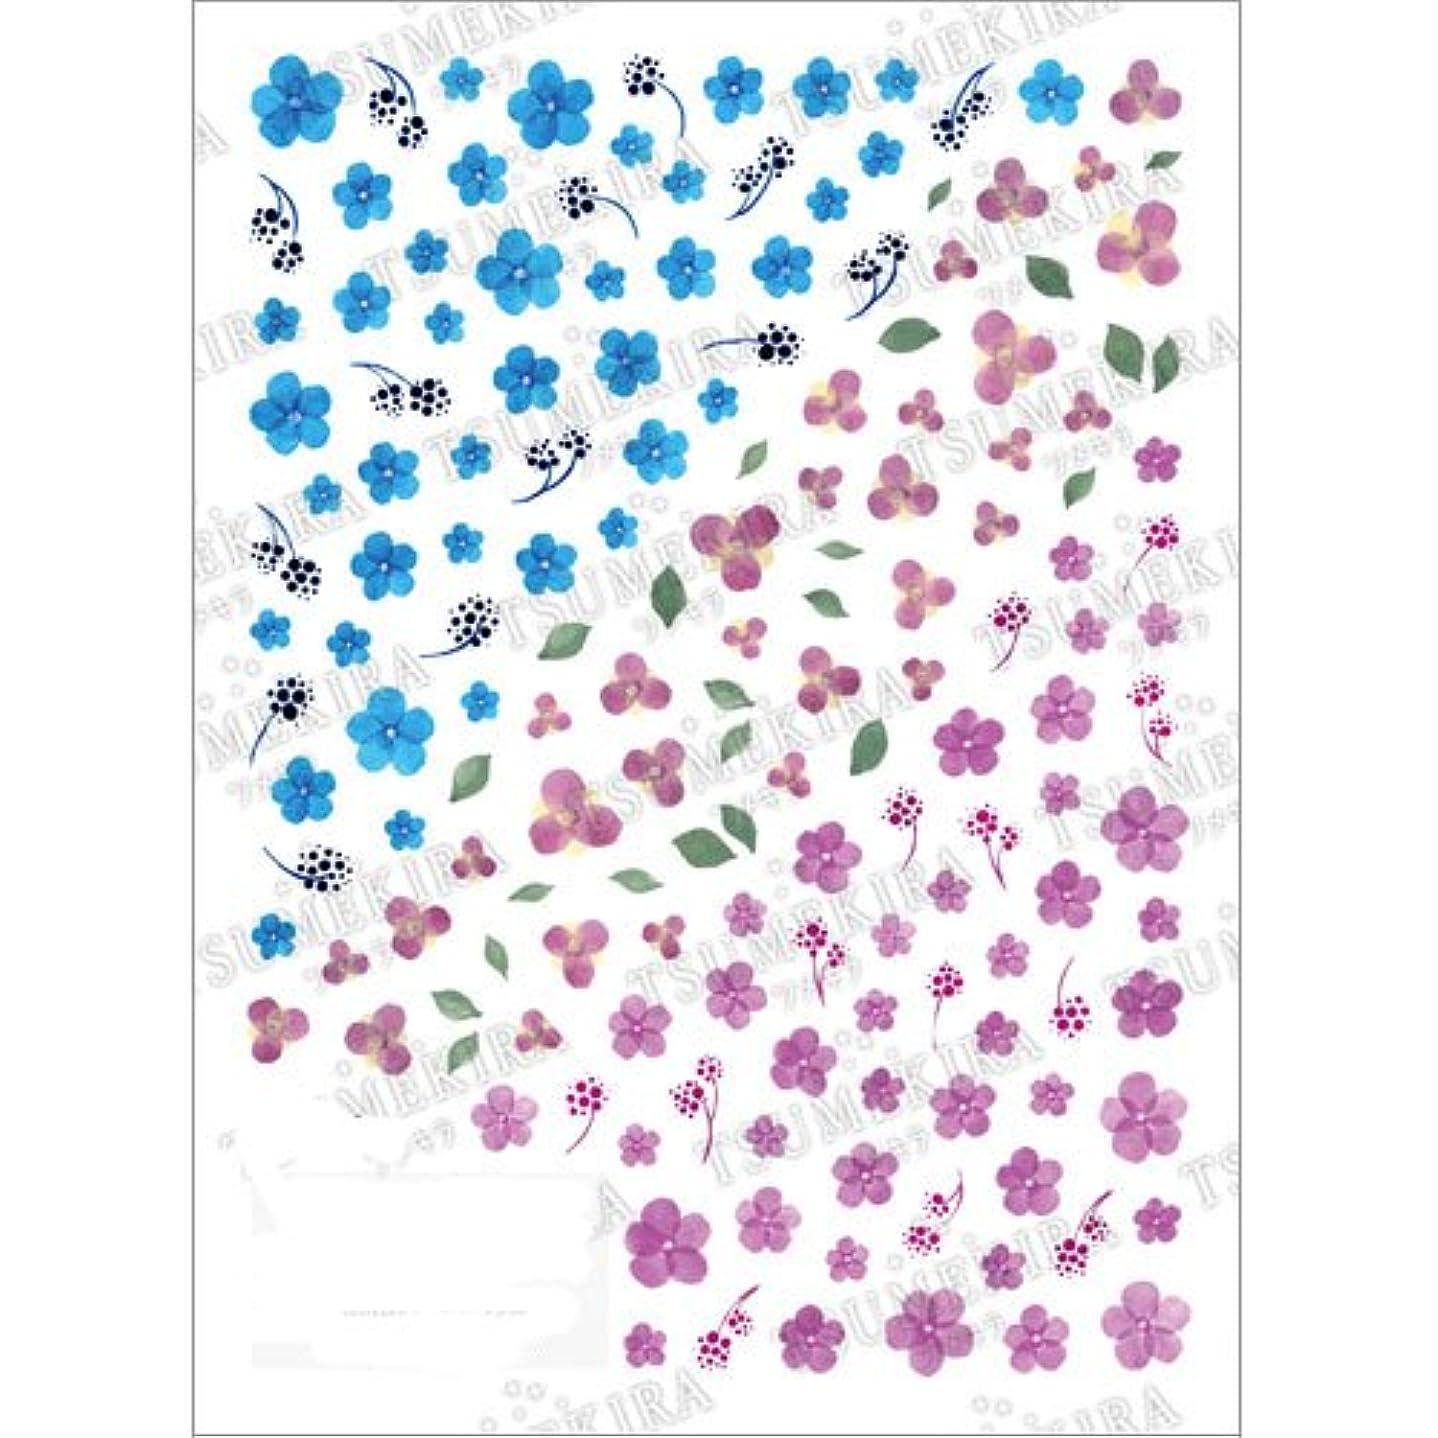 閉じ込めるメロンわずかにツメキラ ネイル用シール 工藤恭子プロデュース3 水彩フラワー NN-PRD-703